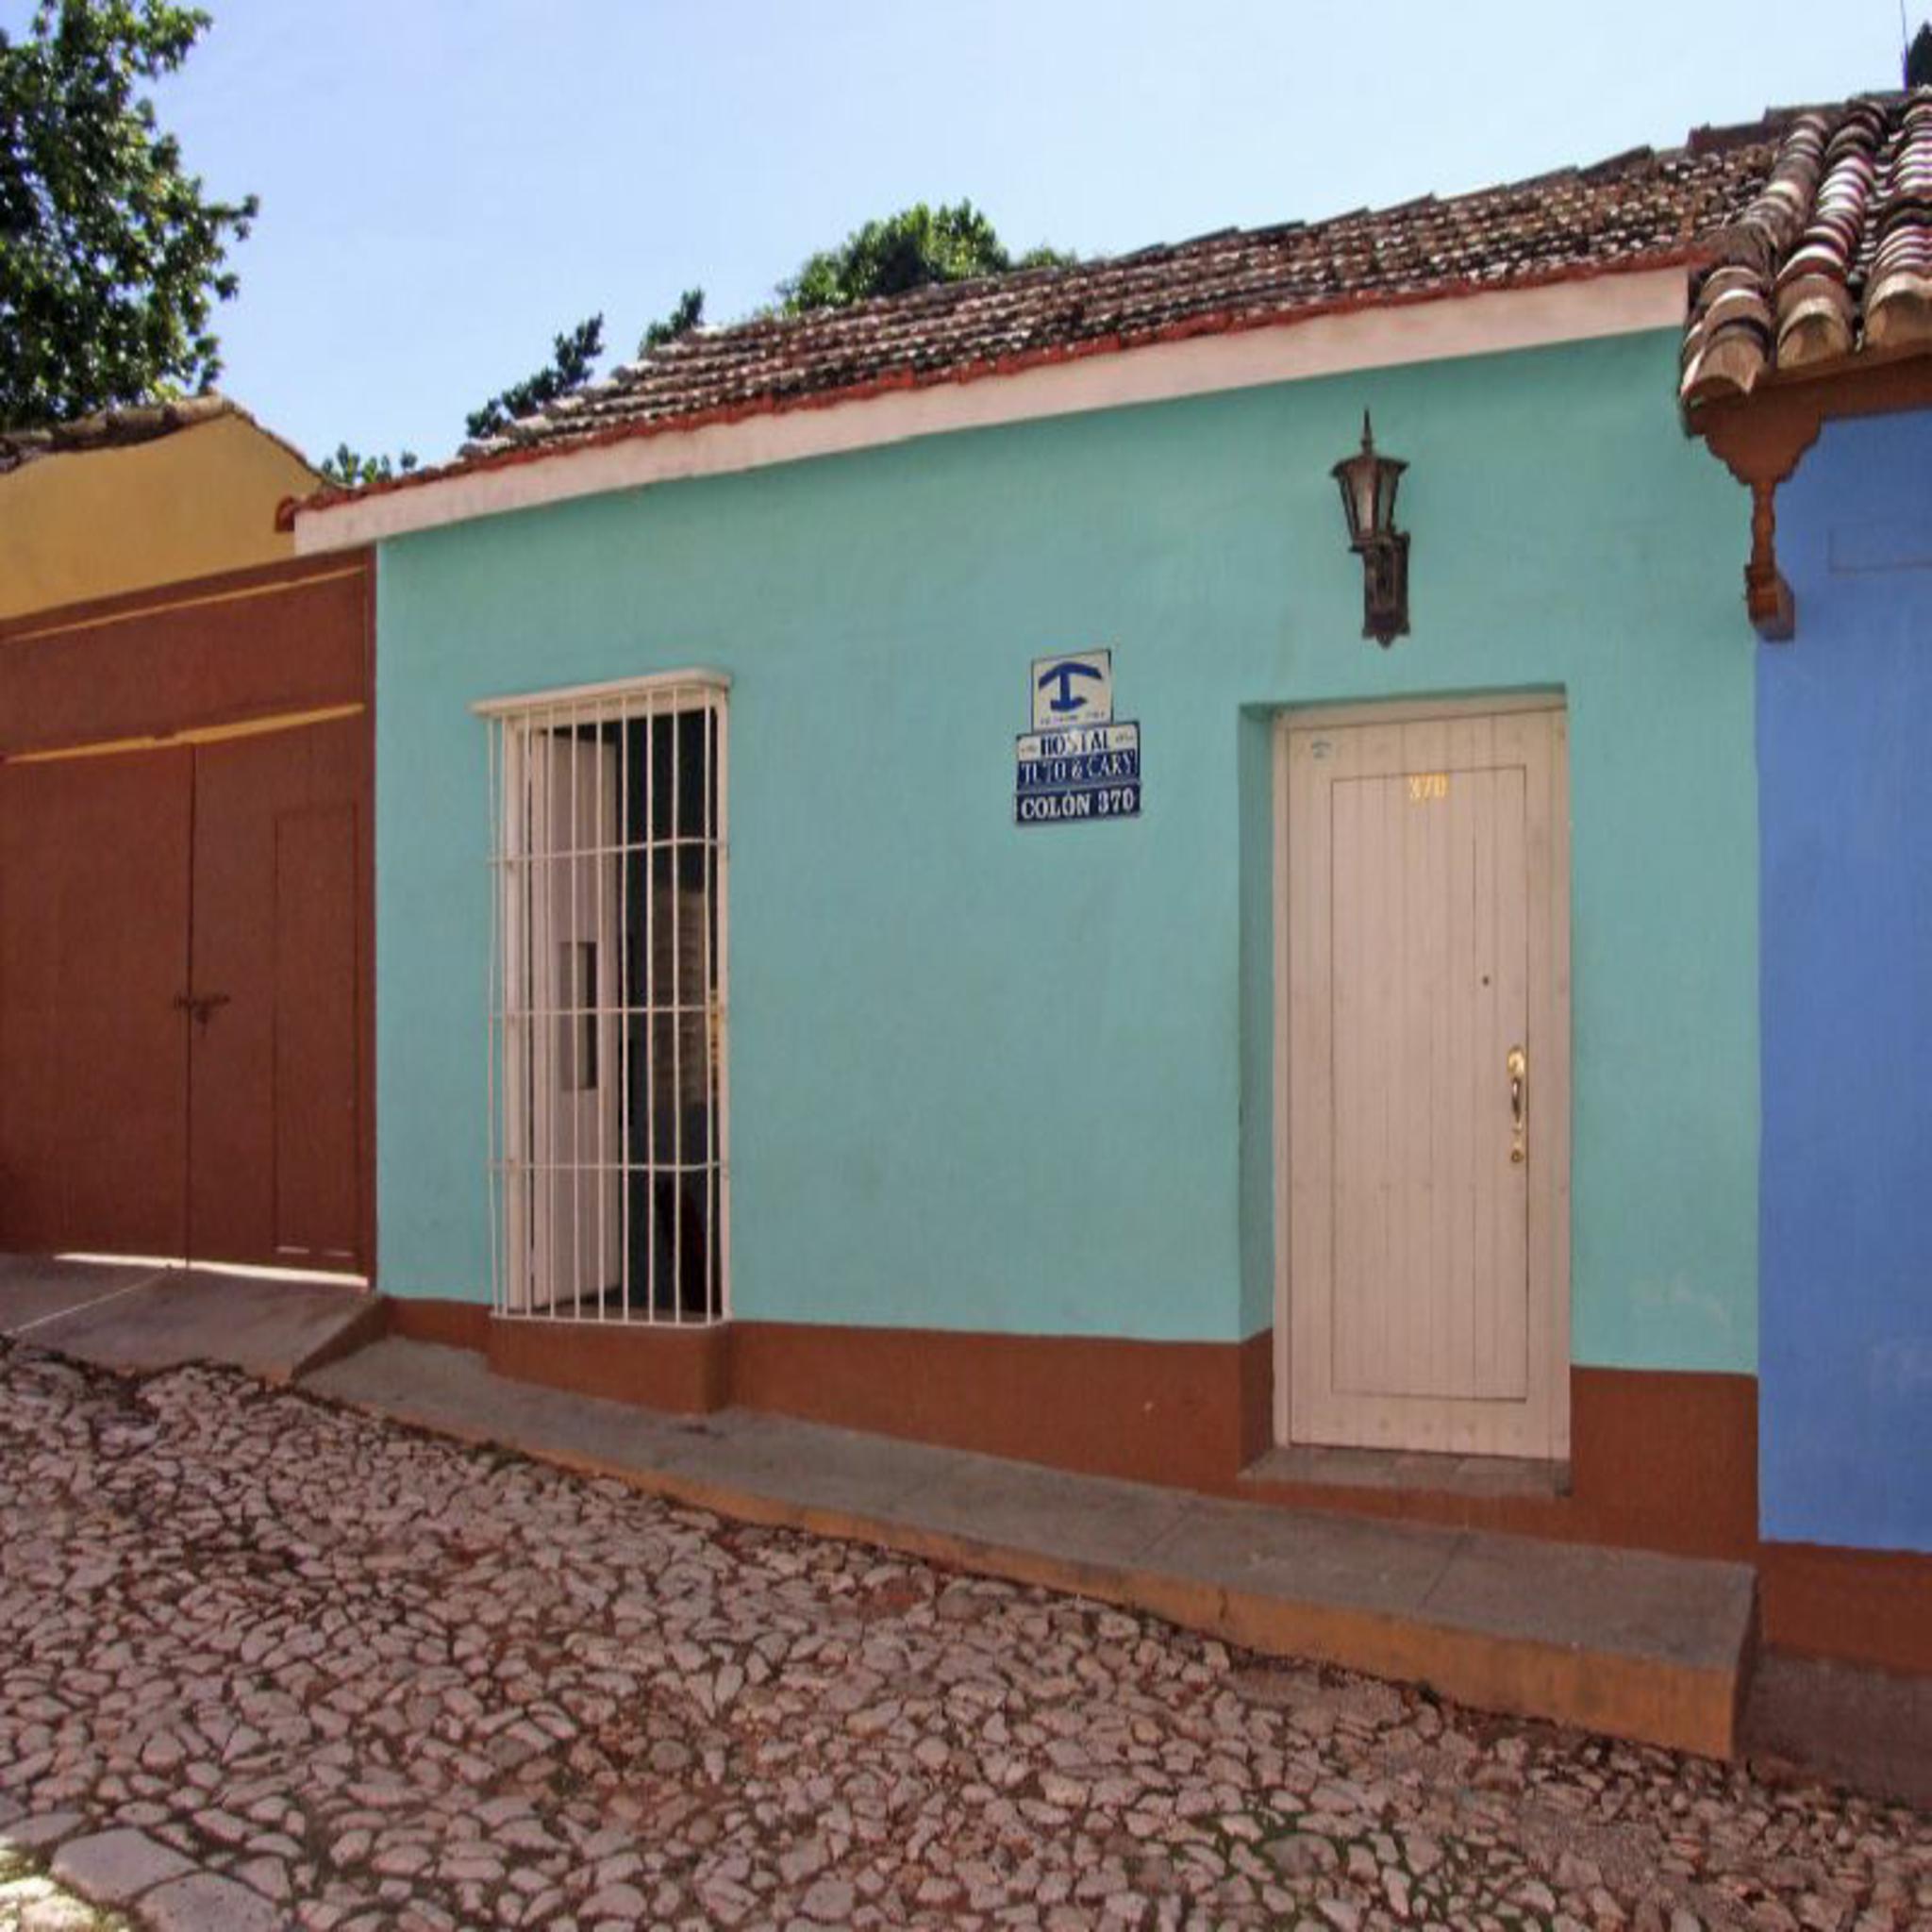 Hostal Casa Tuto & Cary, Trinidad